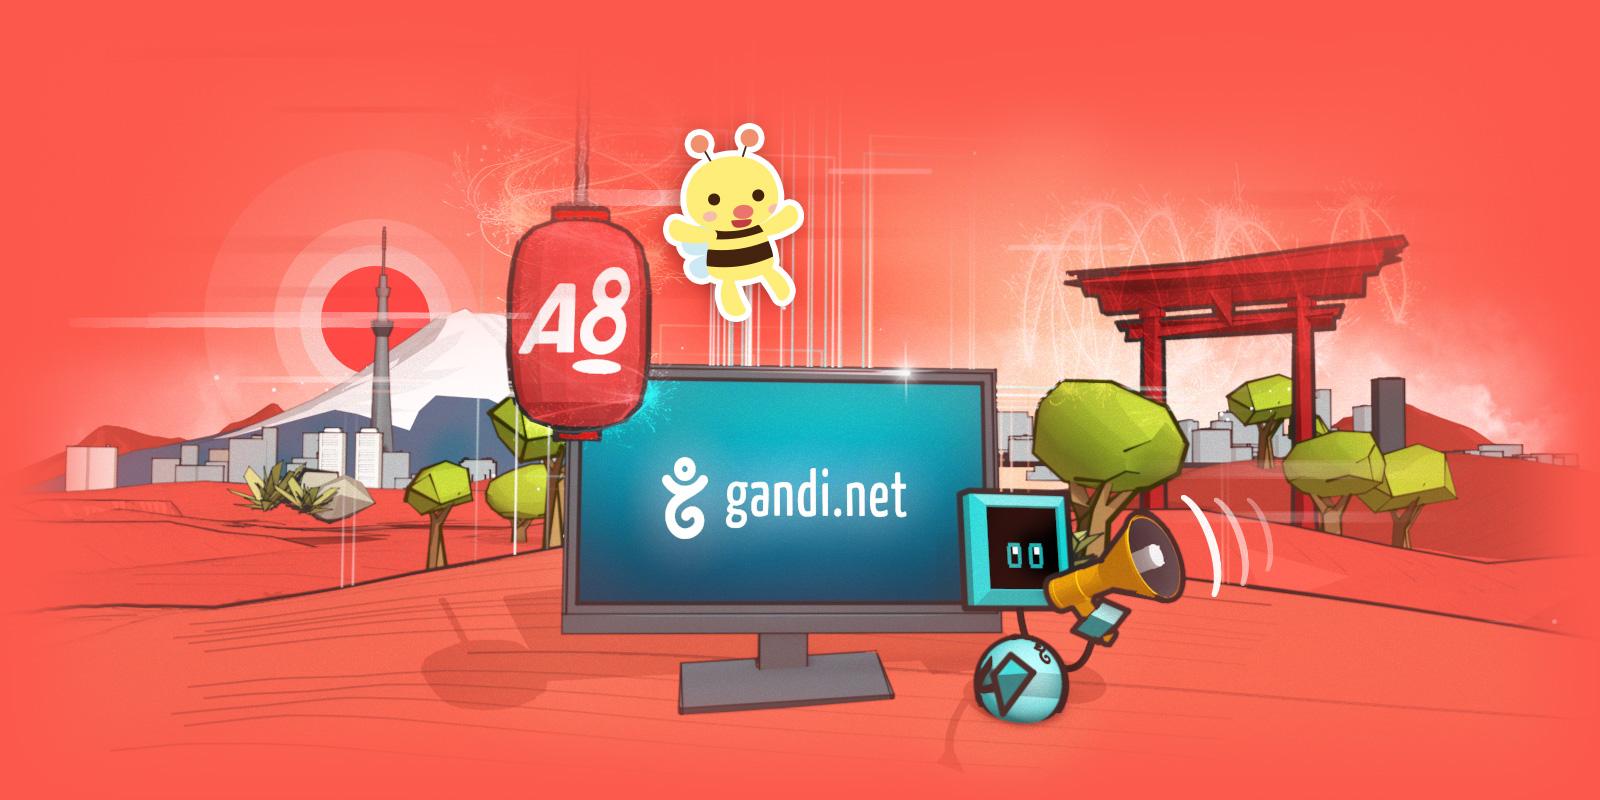 GandiのA8アフィリエイトプログラムに参加しましょう!